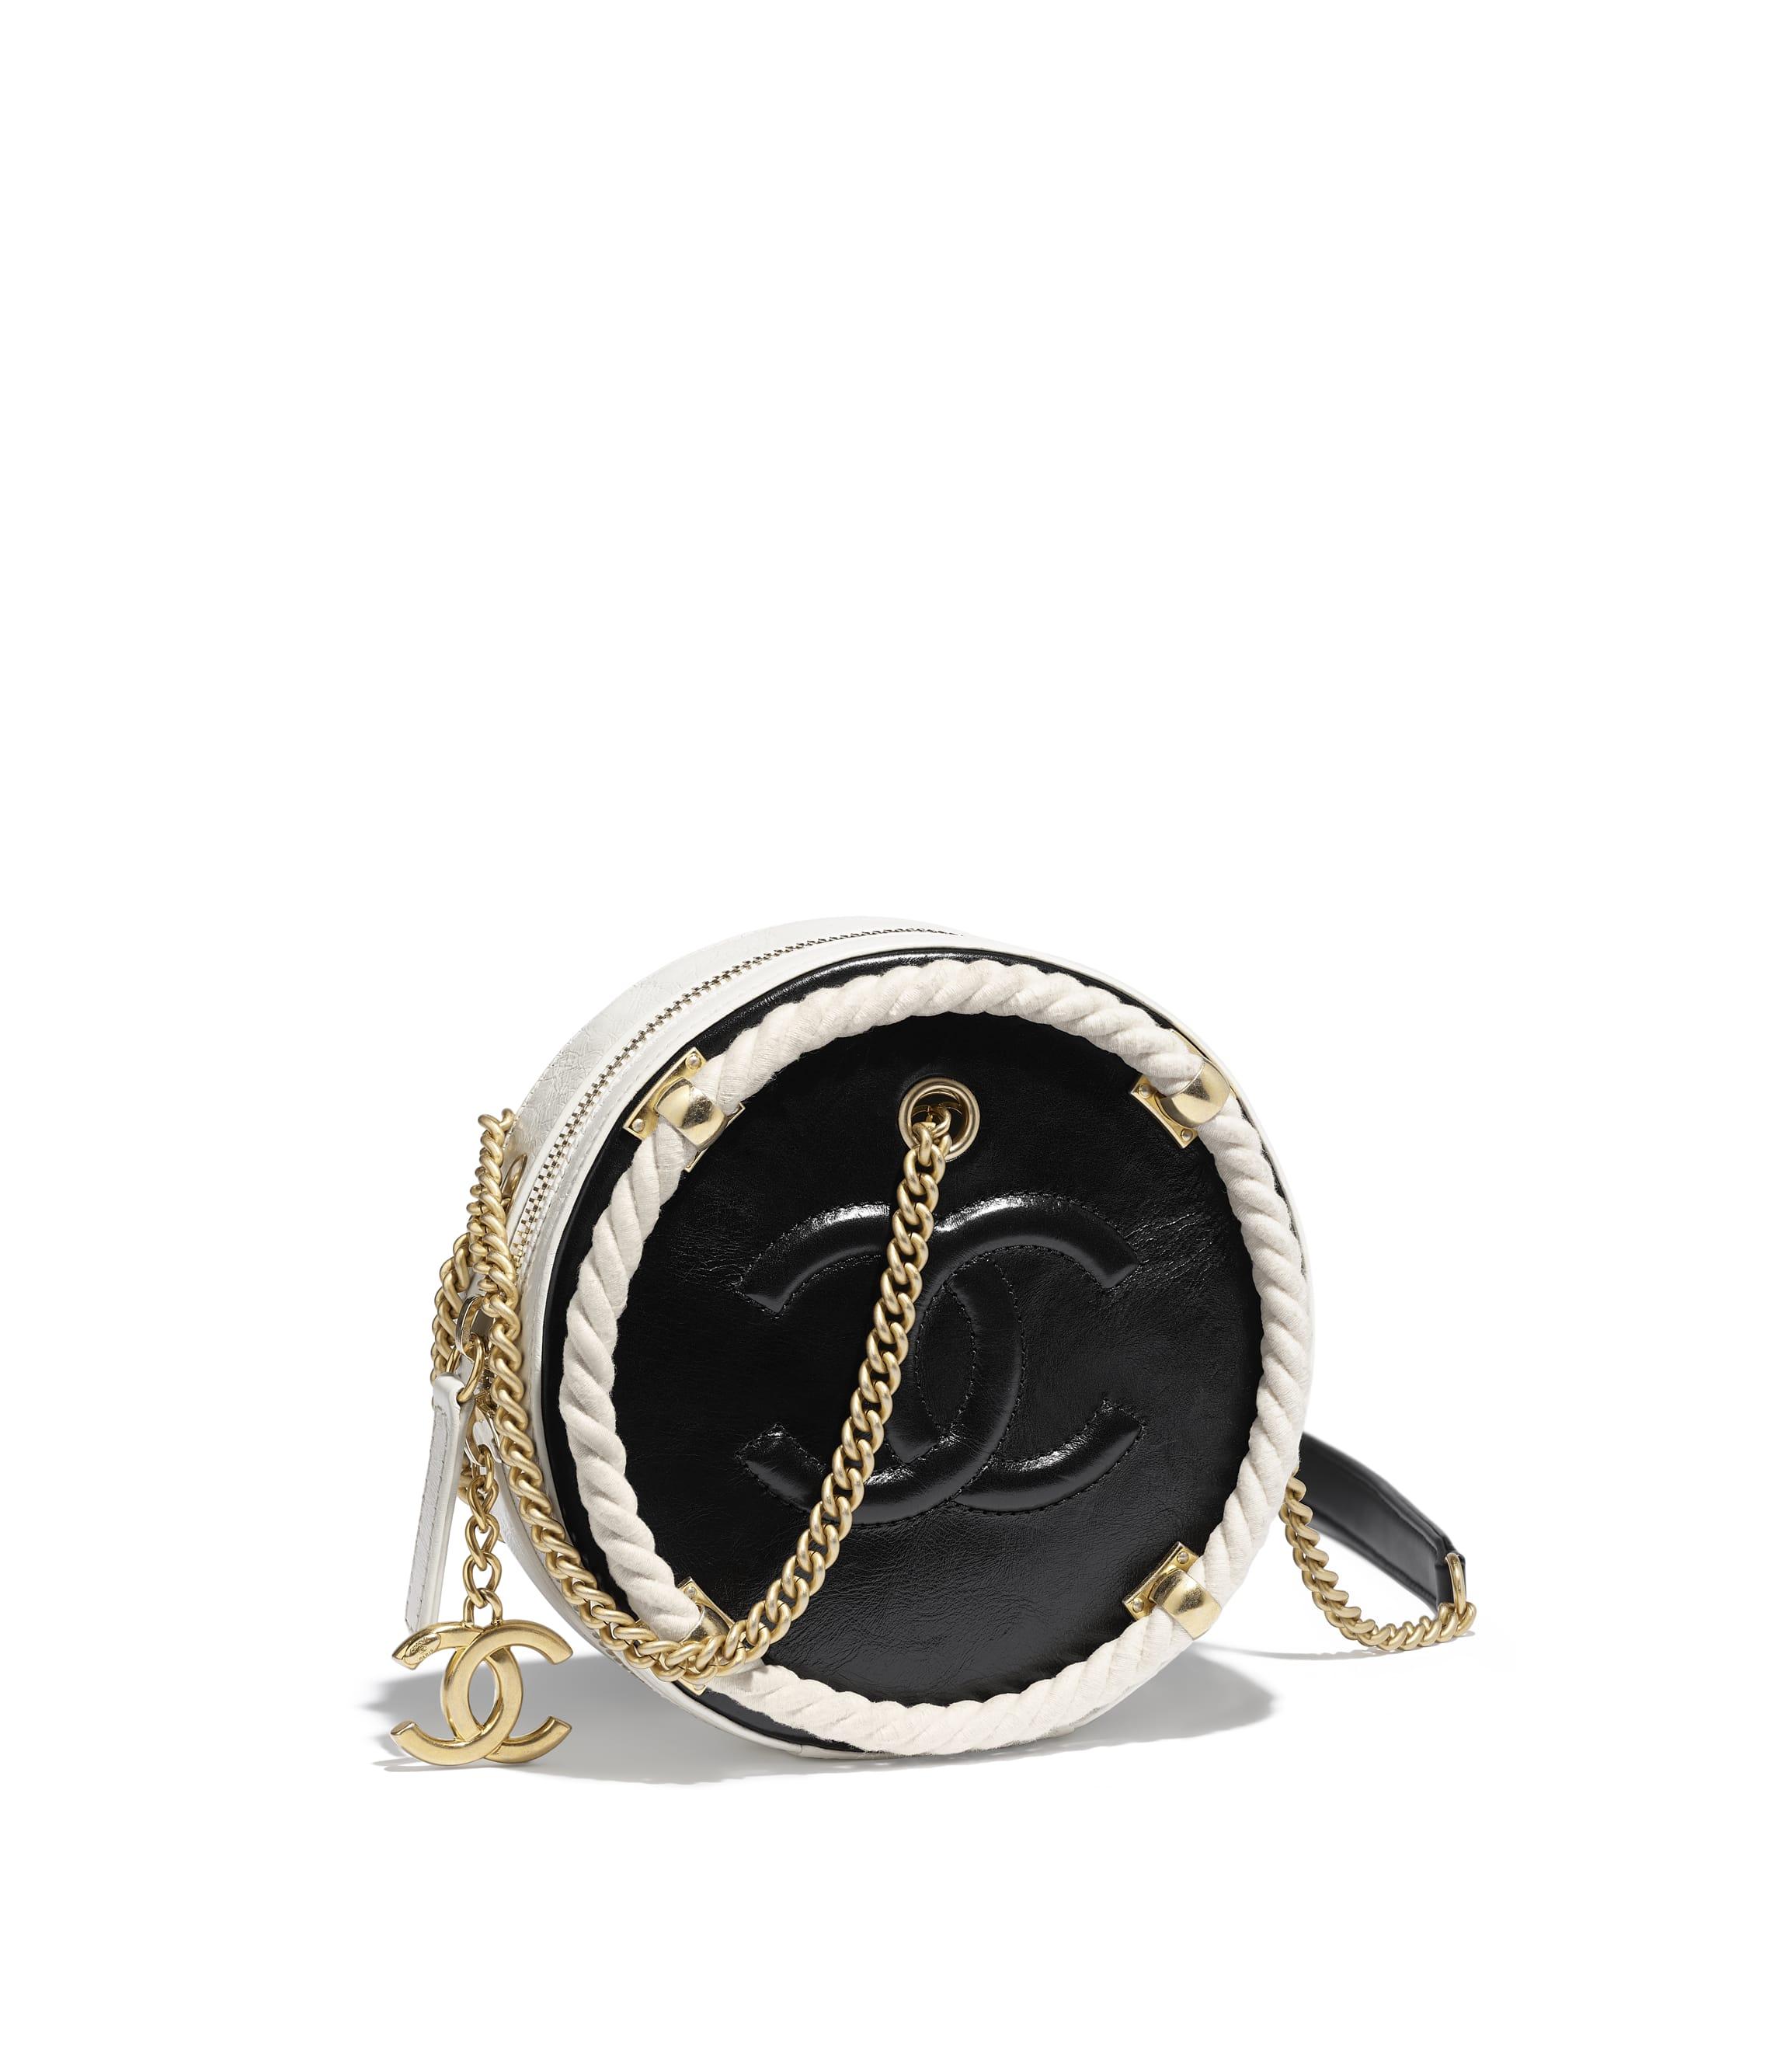 Круглая сумка маленького размера